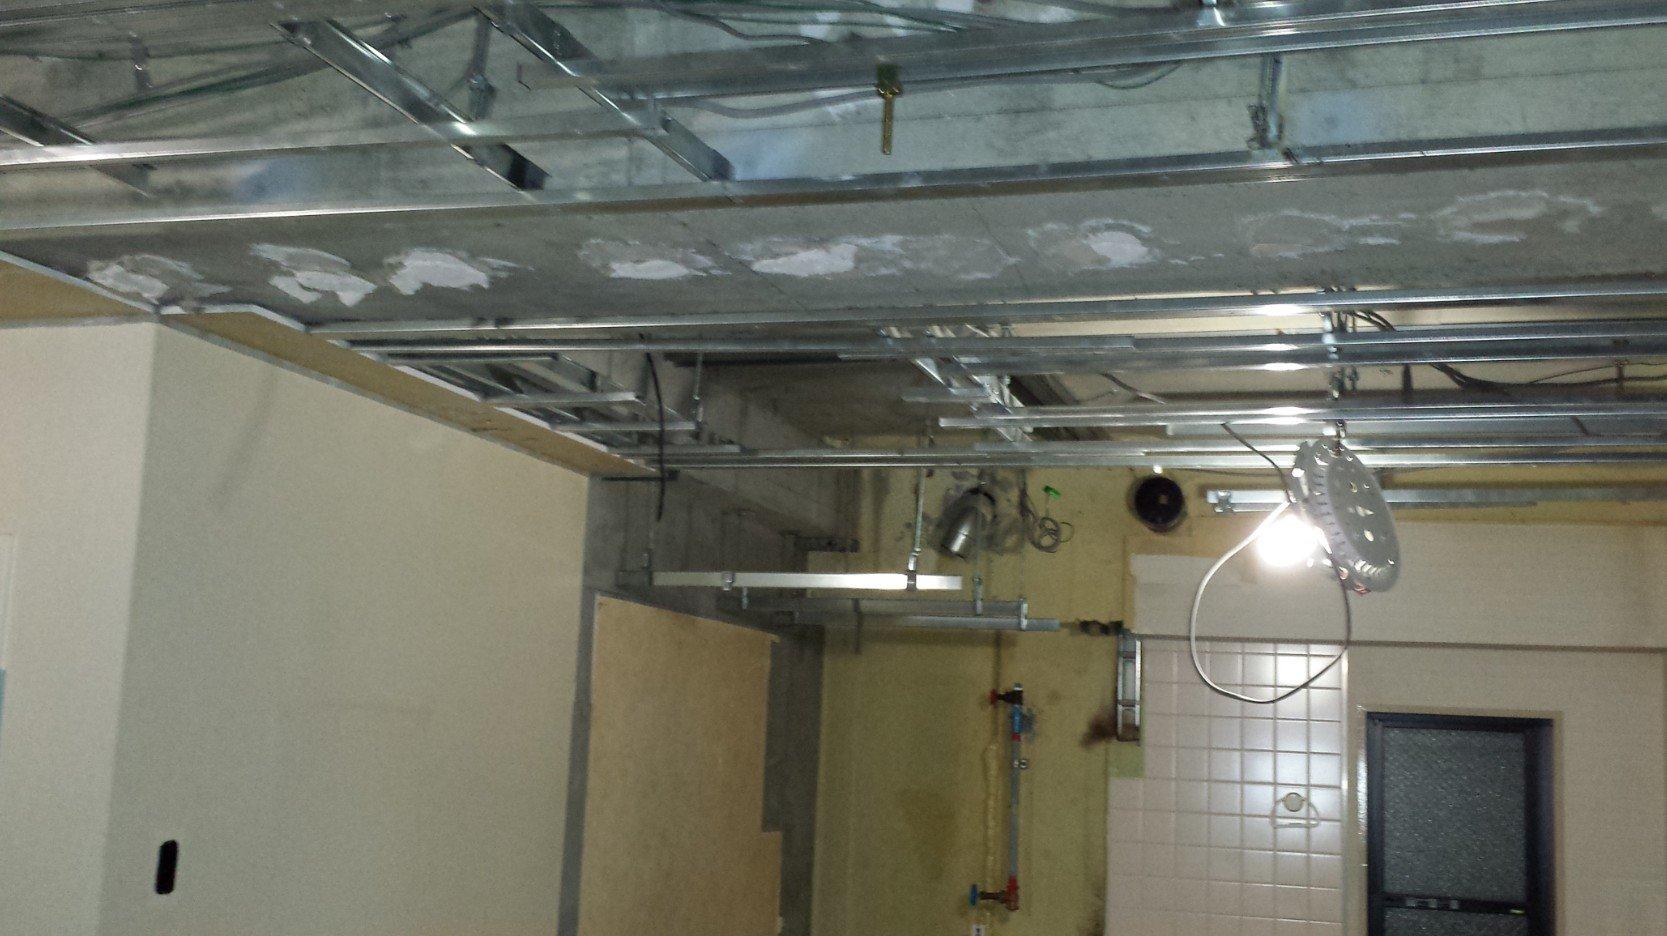 解体中です。右側の小窓は、完成後は押し入れの向こう側となりましたので、完成後には見えなくなりました。